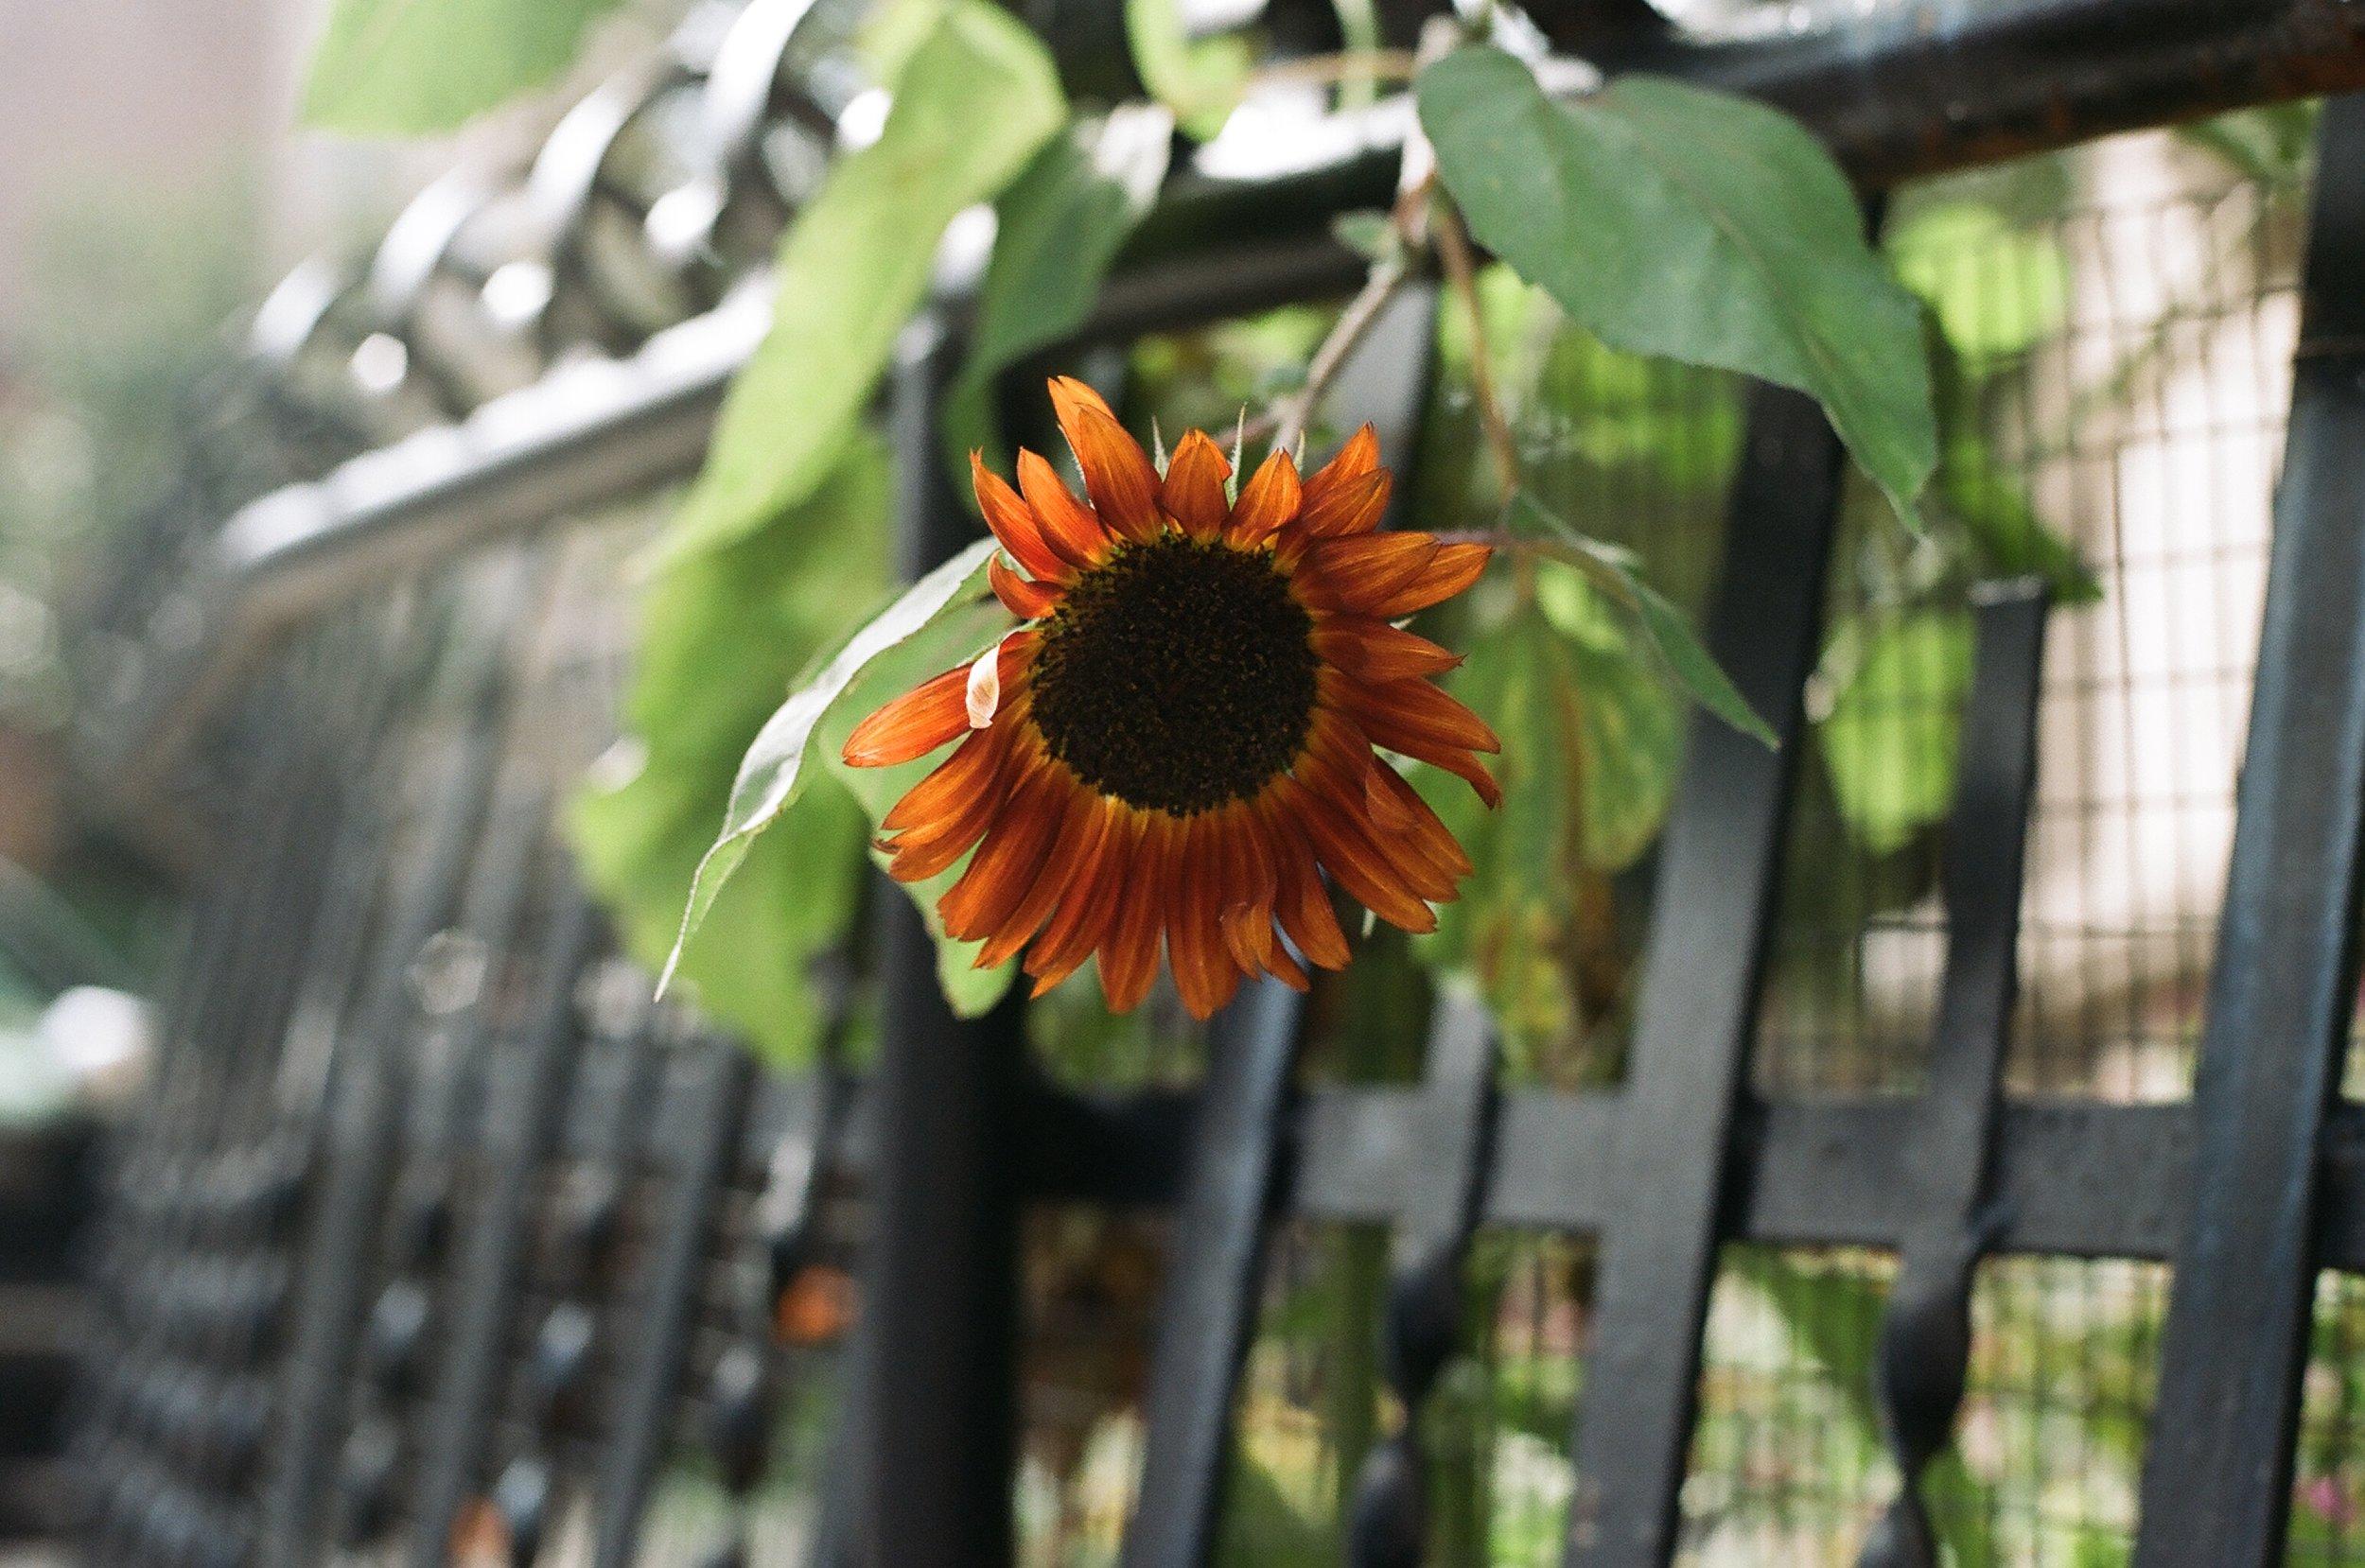 Sunflowers #006